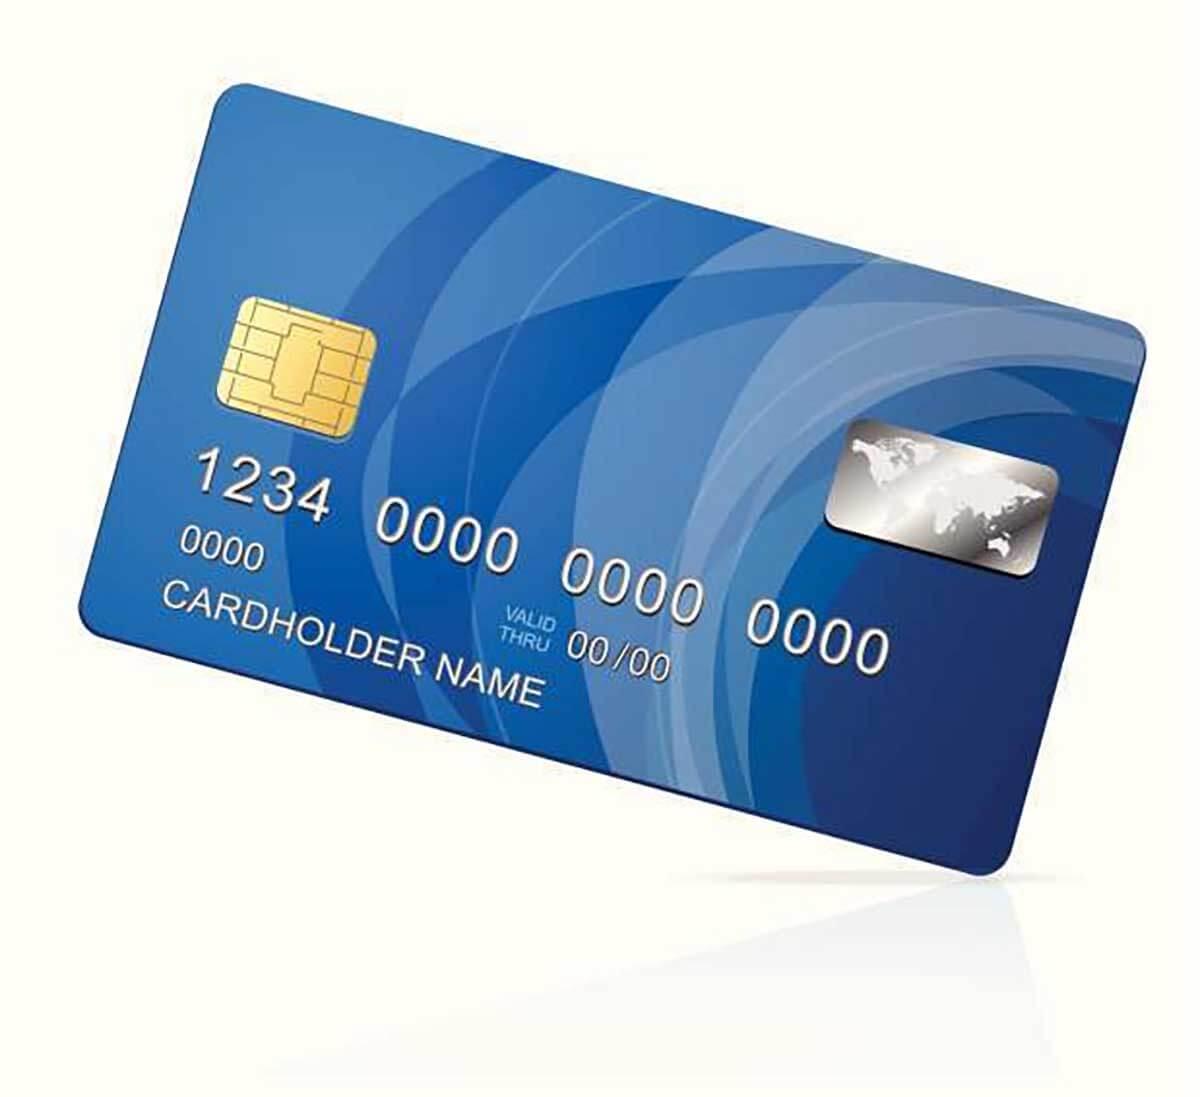 Đây là một chiếc thẻ chip ATM